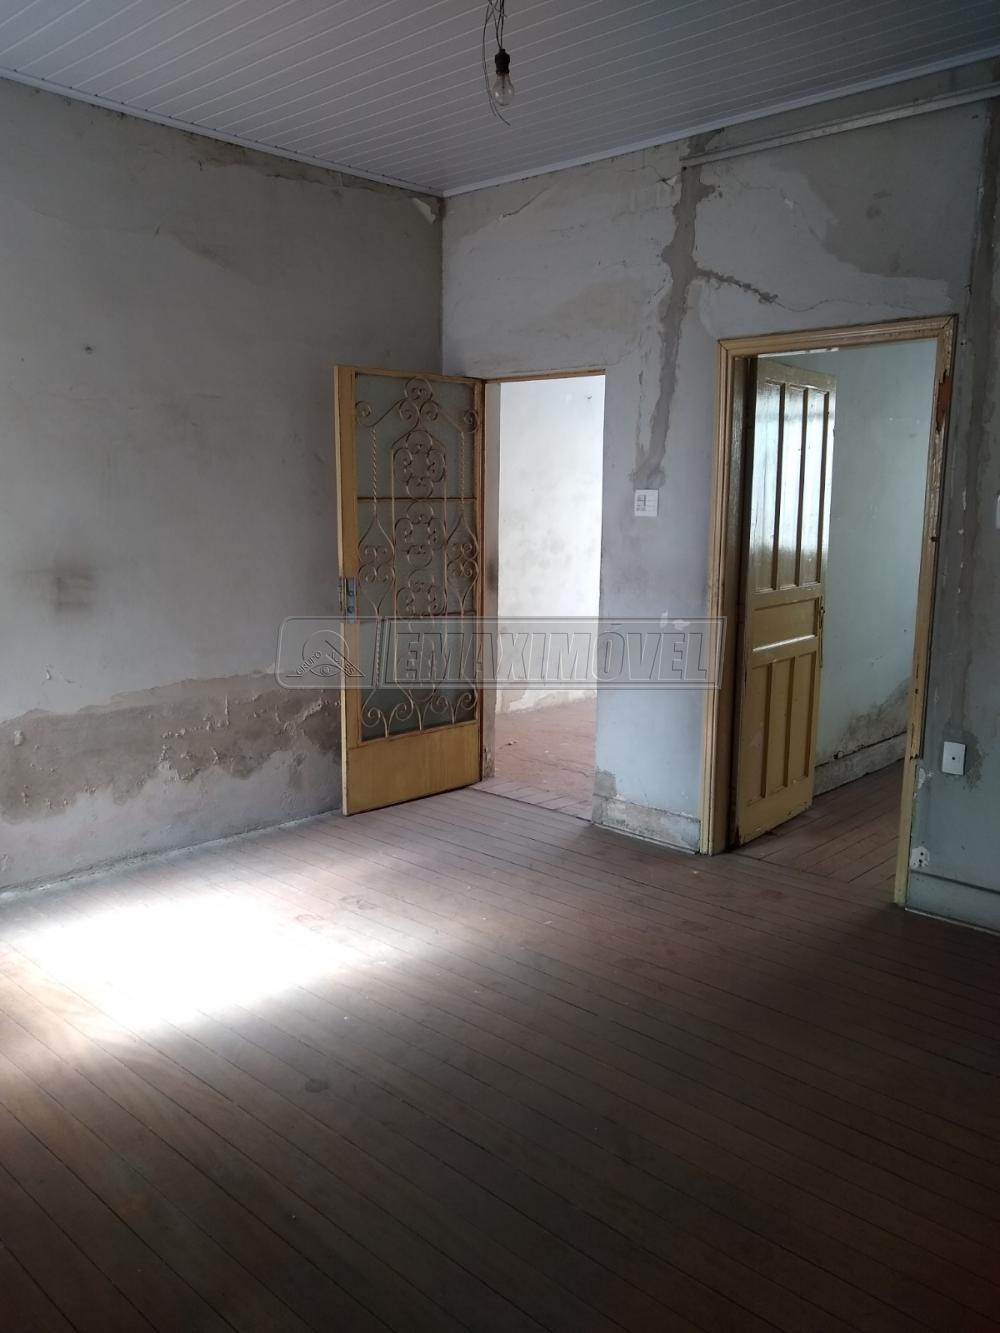 Comprar Casas / em Bairros em Sorocaba apenas R$ 245.000,00 - Foto 17